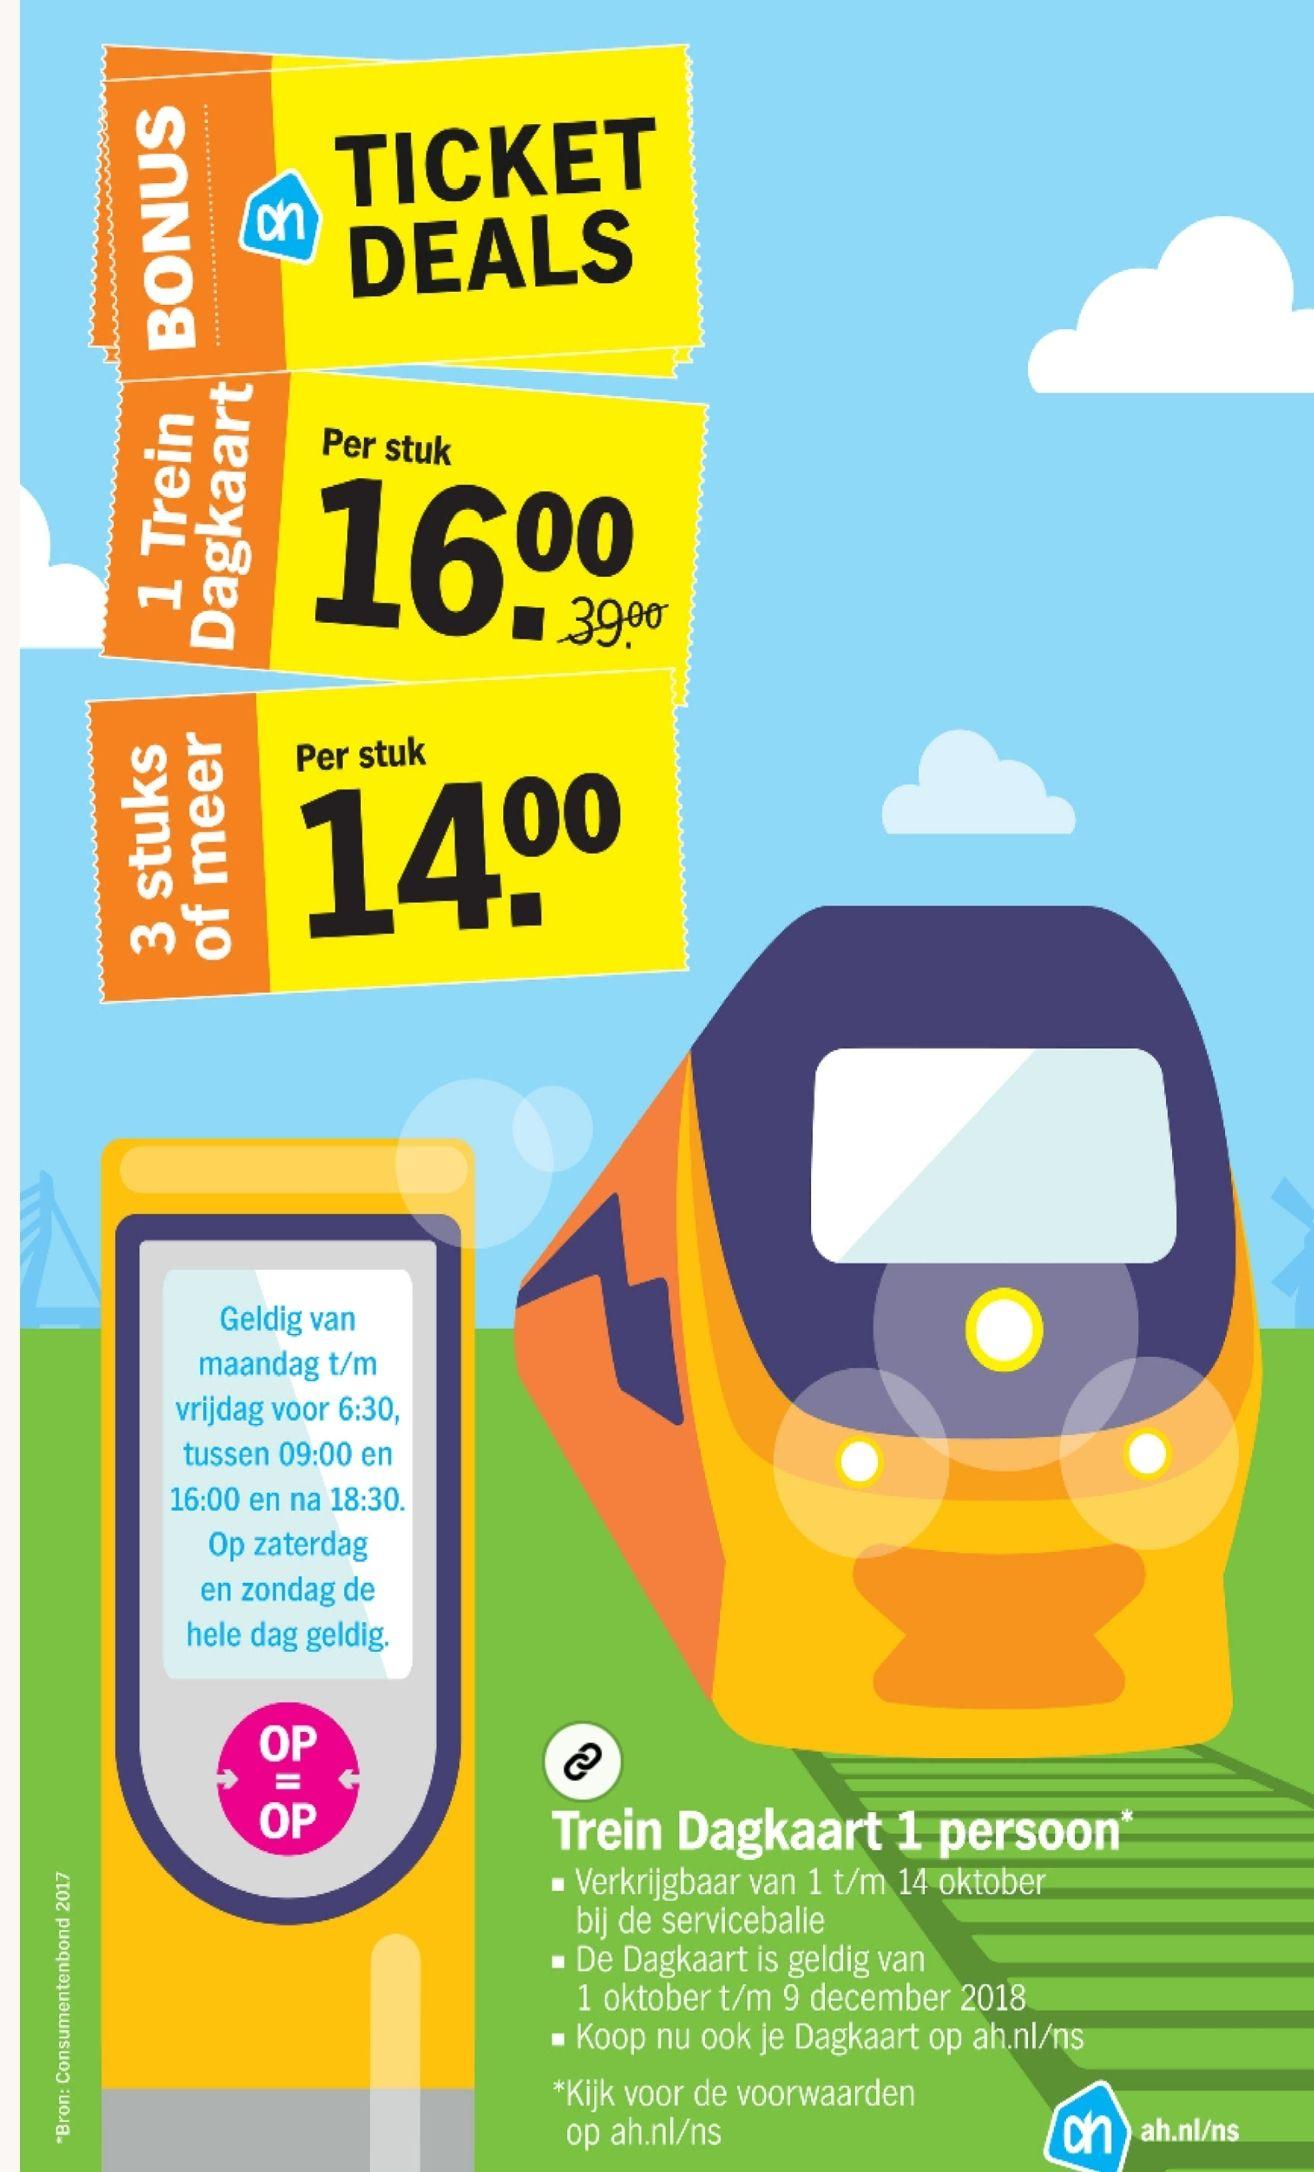 1 Trein Dagkaart voor €16*. Bij aankoop van 3 stuks of meer: €14 per stuk! Bij Albert Hein in de winkel nog te koop!!!